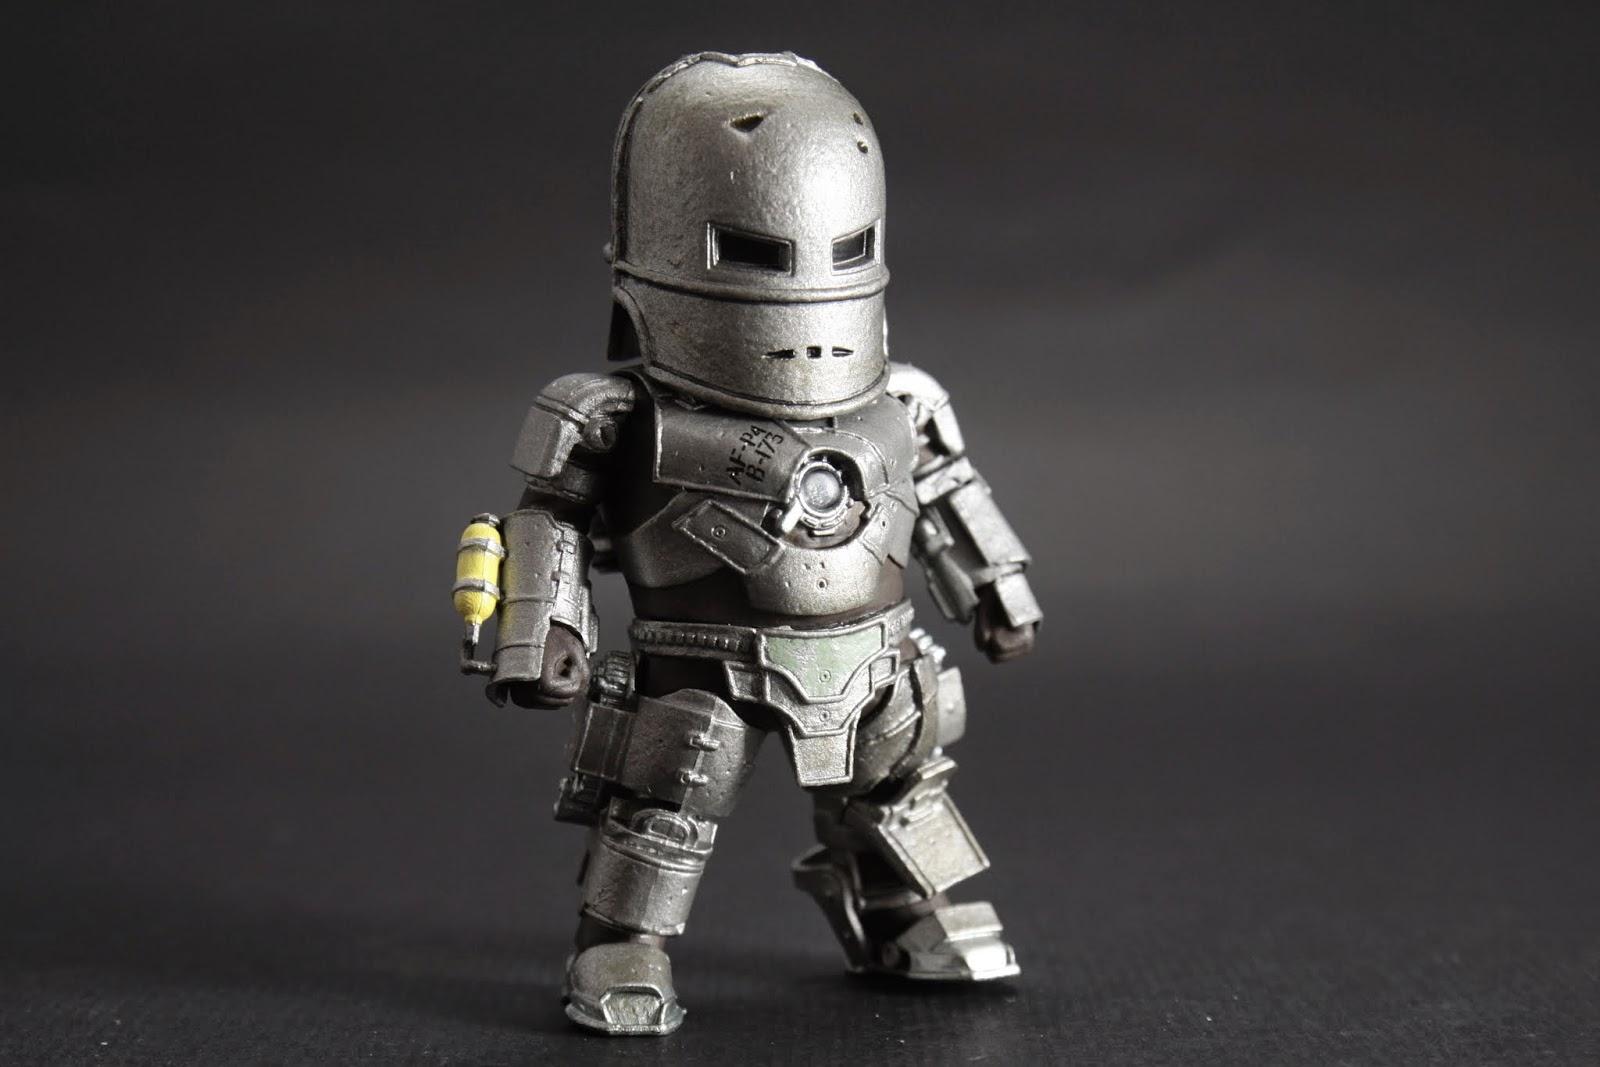 MK I 東尼被綁架時在山洞裡靠著自家武器的零件組成